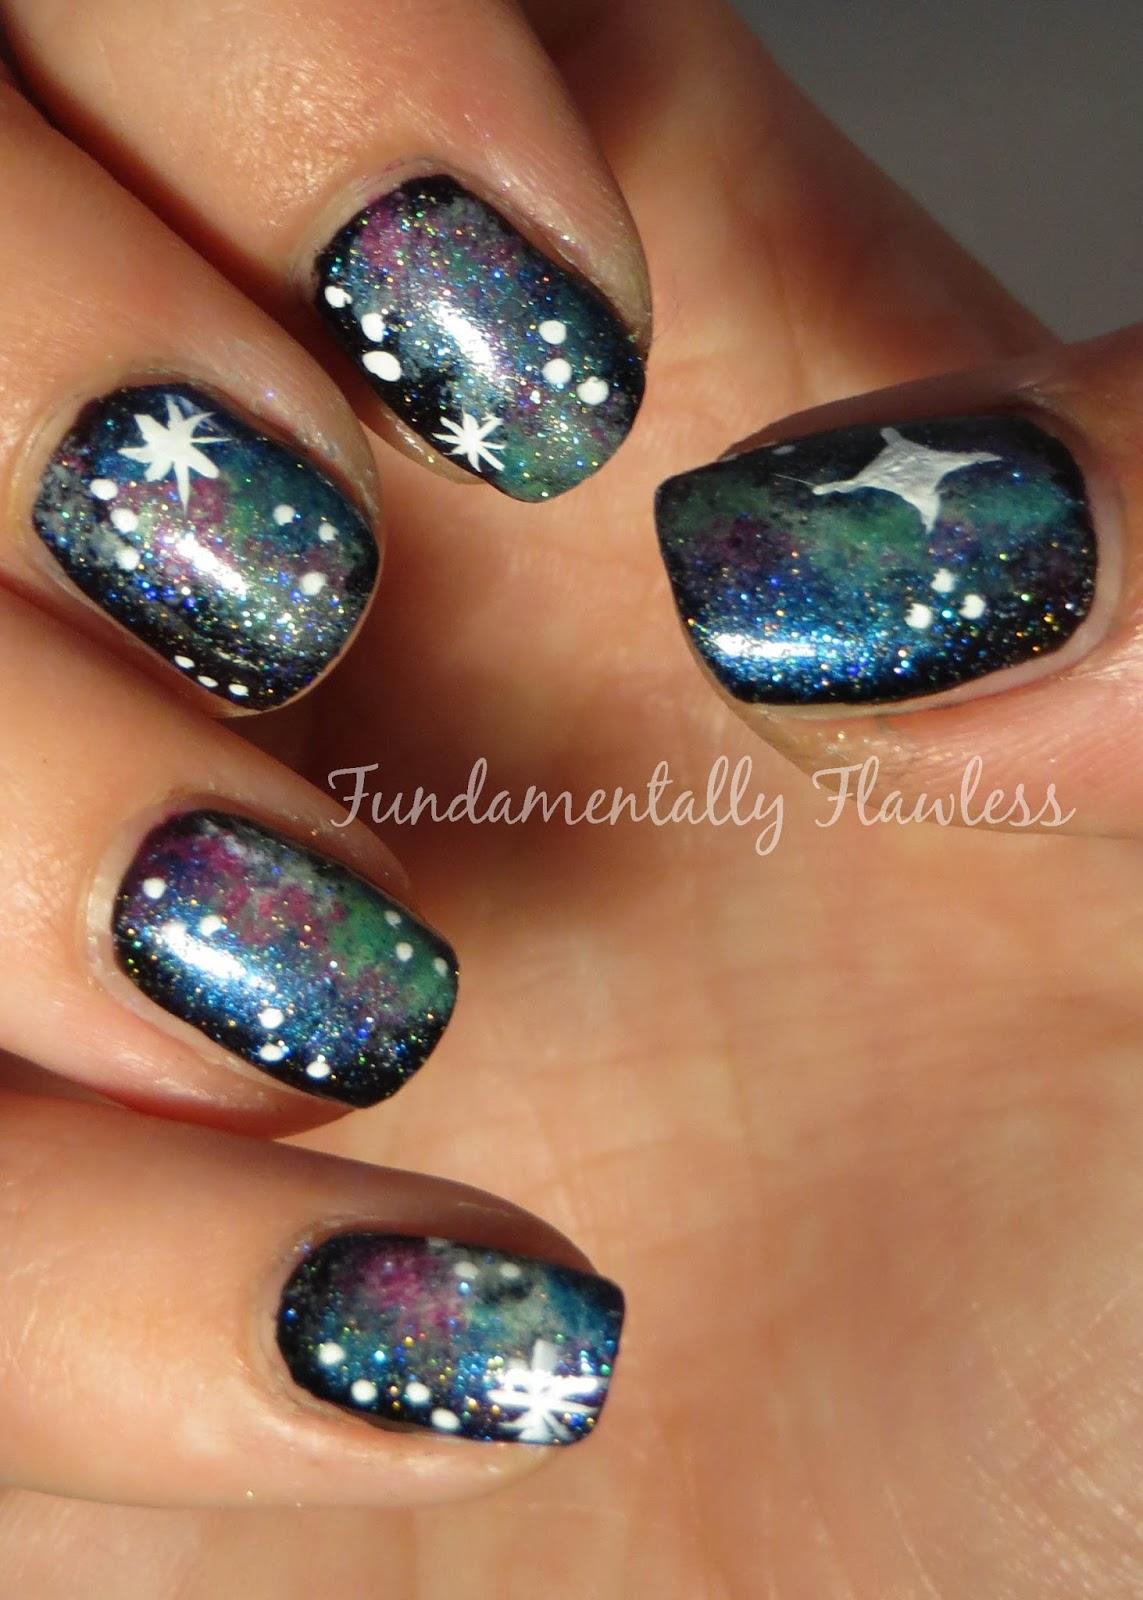 Fundamentally Flawless: More Galaxy Nails